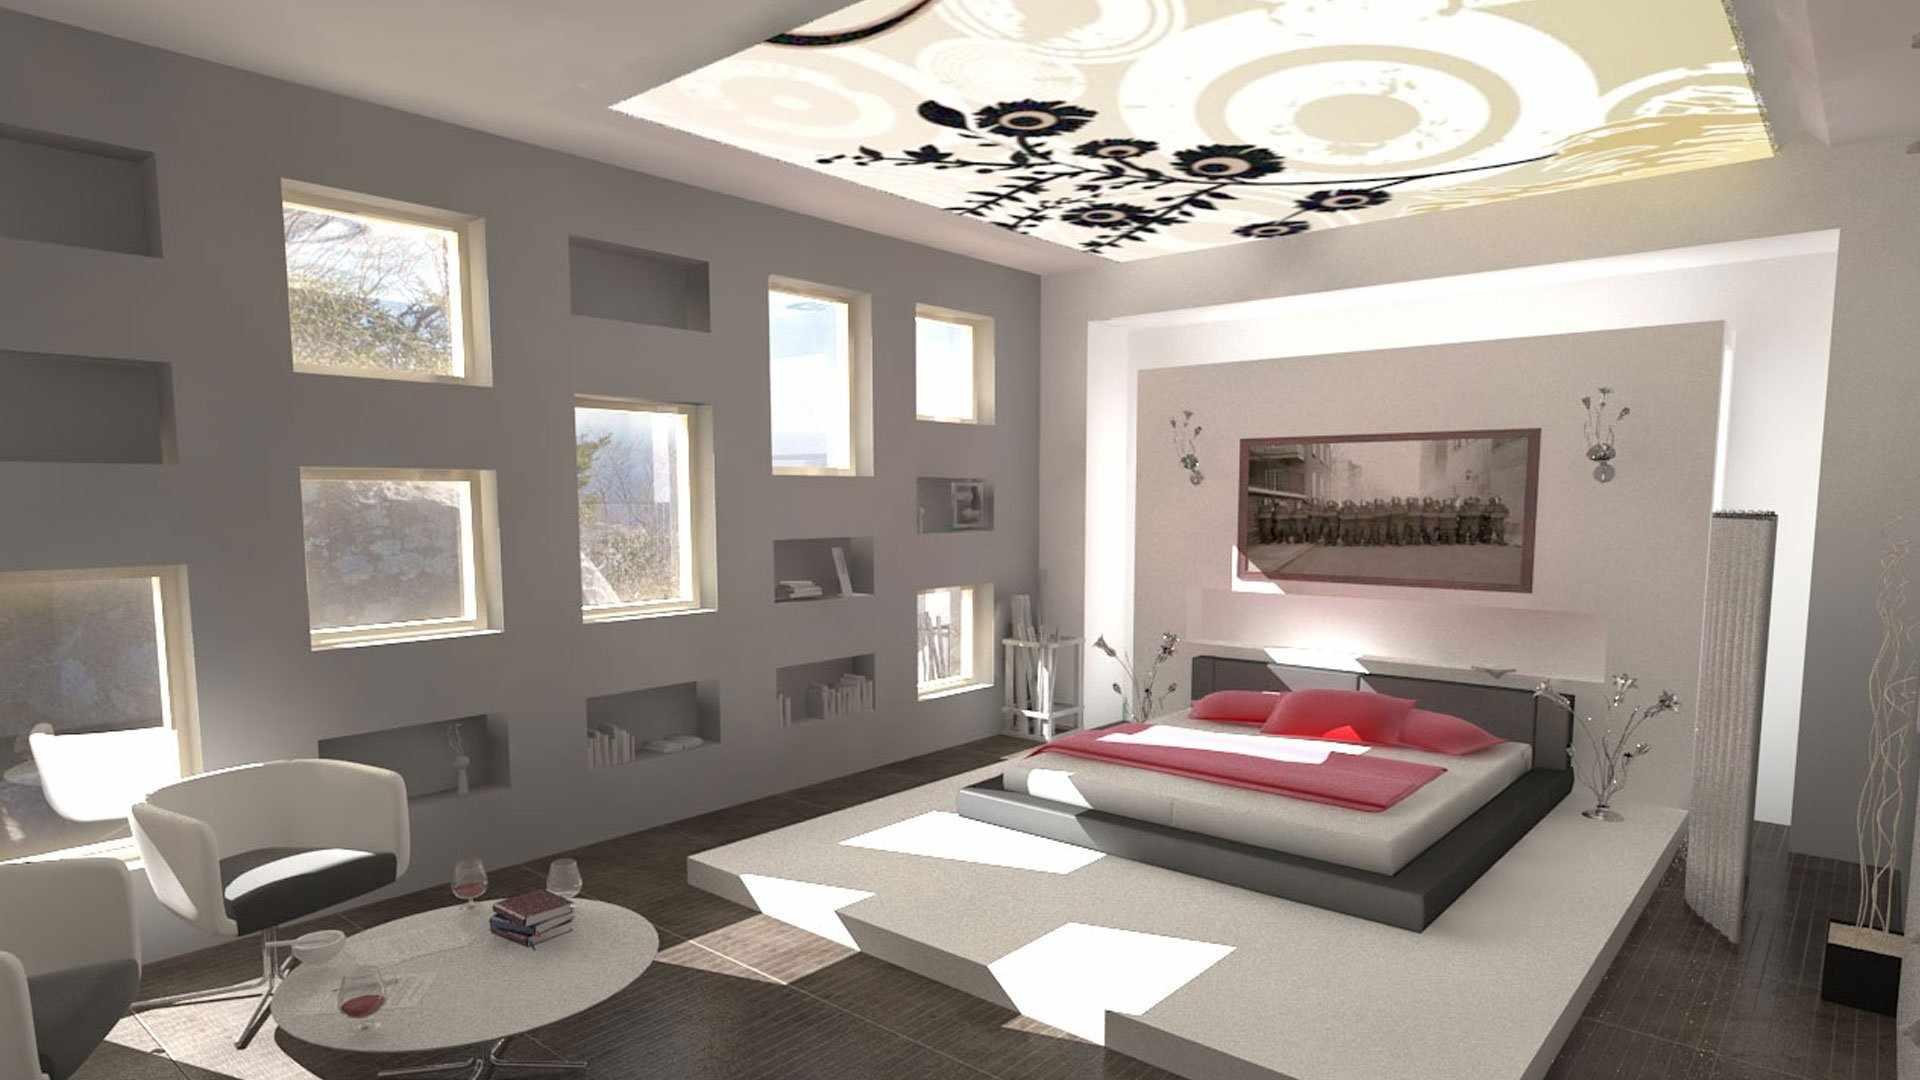 Окна по всей стене в спальне-гостиной 18 кв м